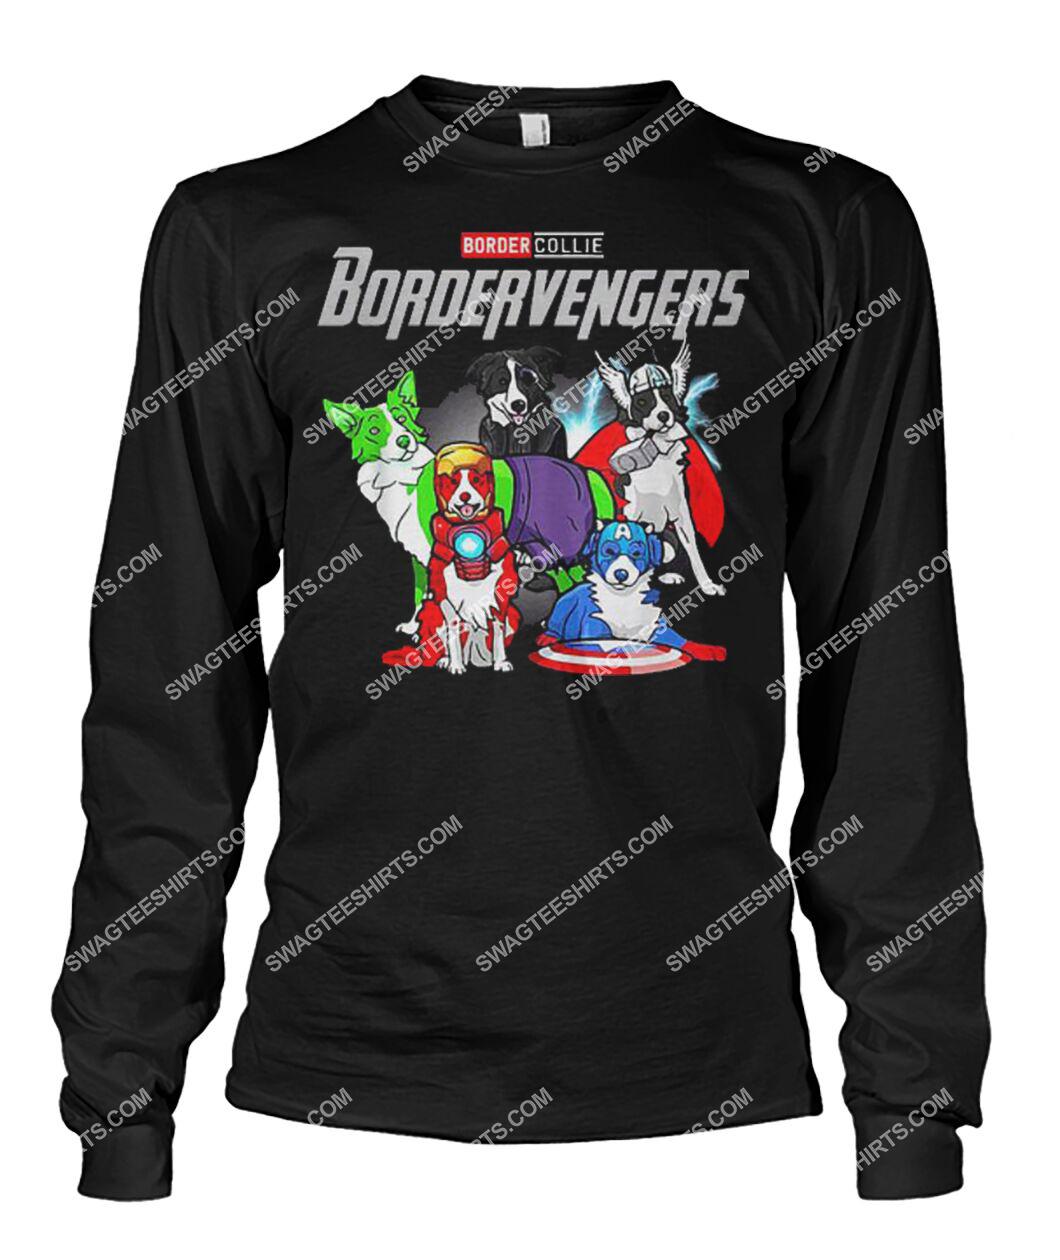 border collie bordervengers marvel avengers dogs lover sweatshirt 1